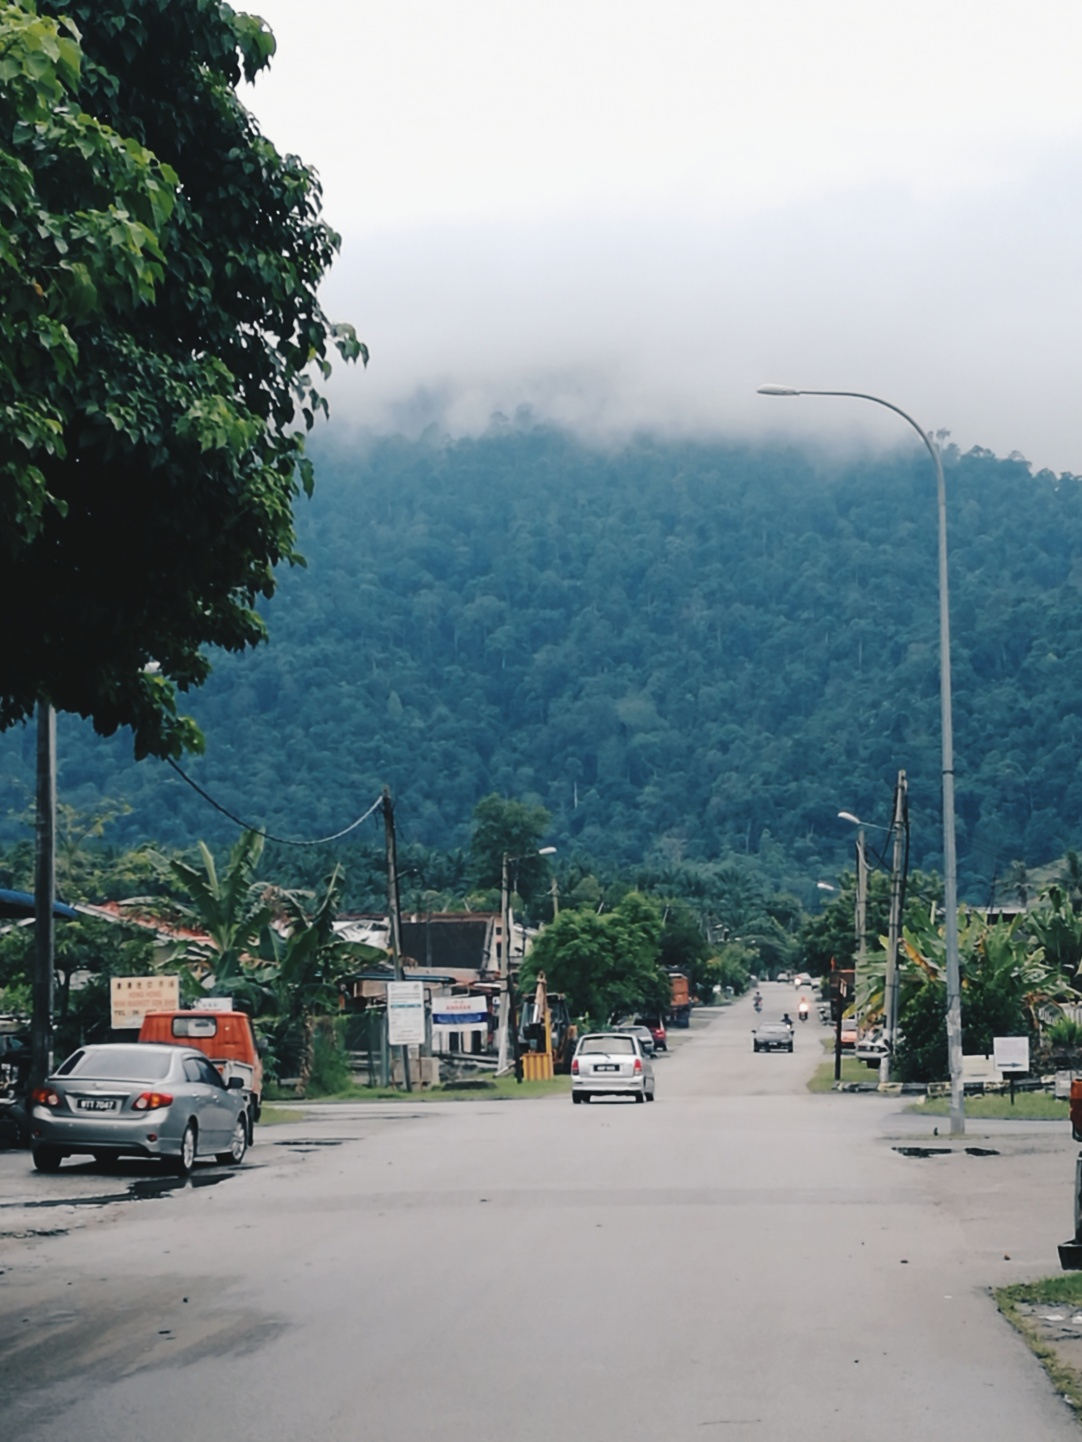 Taman Simpang Pertang, right under the big mountain